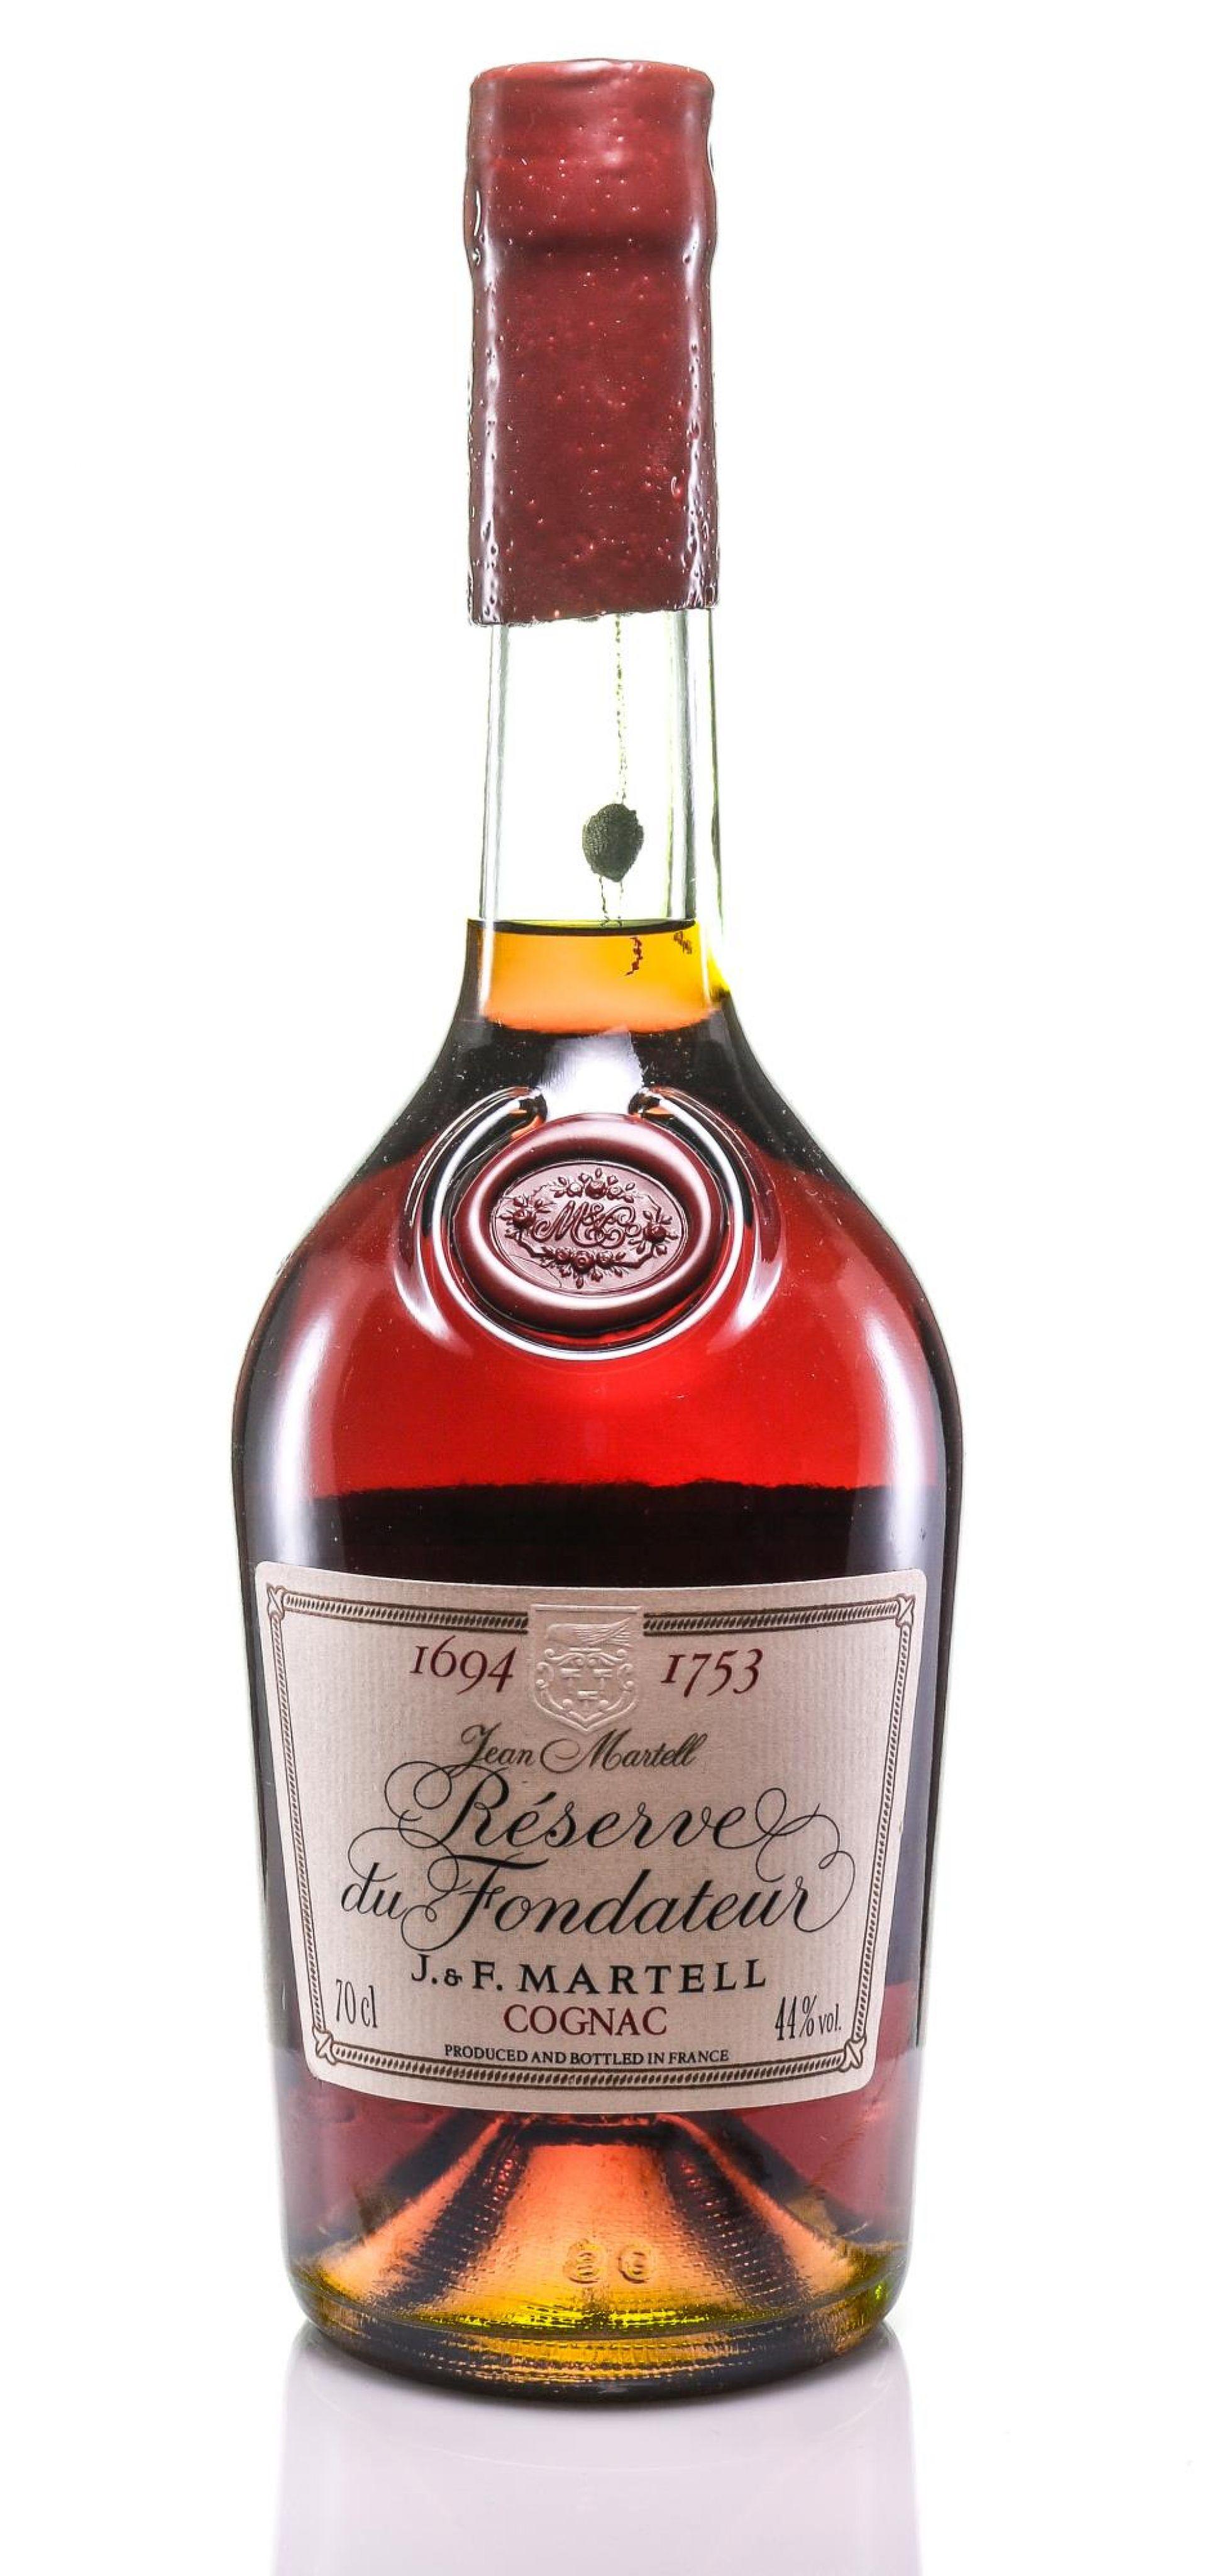 Cognac NV Martell J. & F.